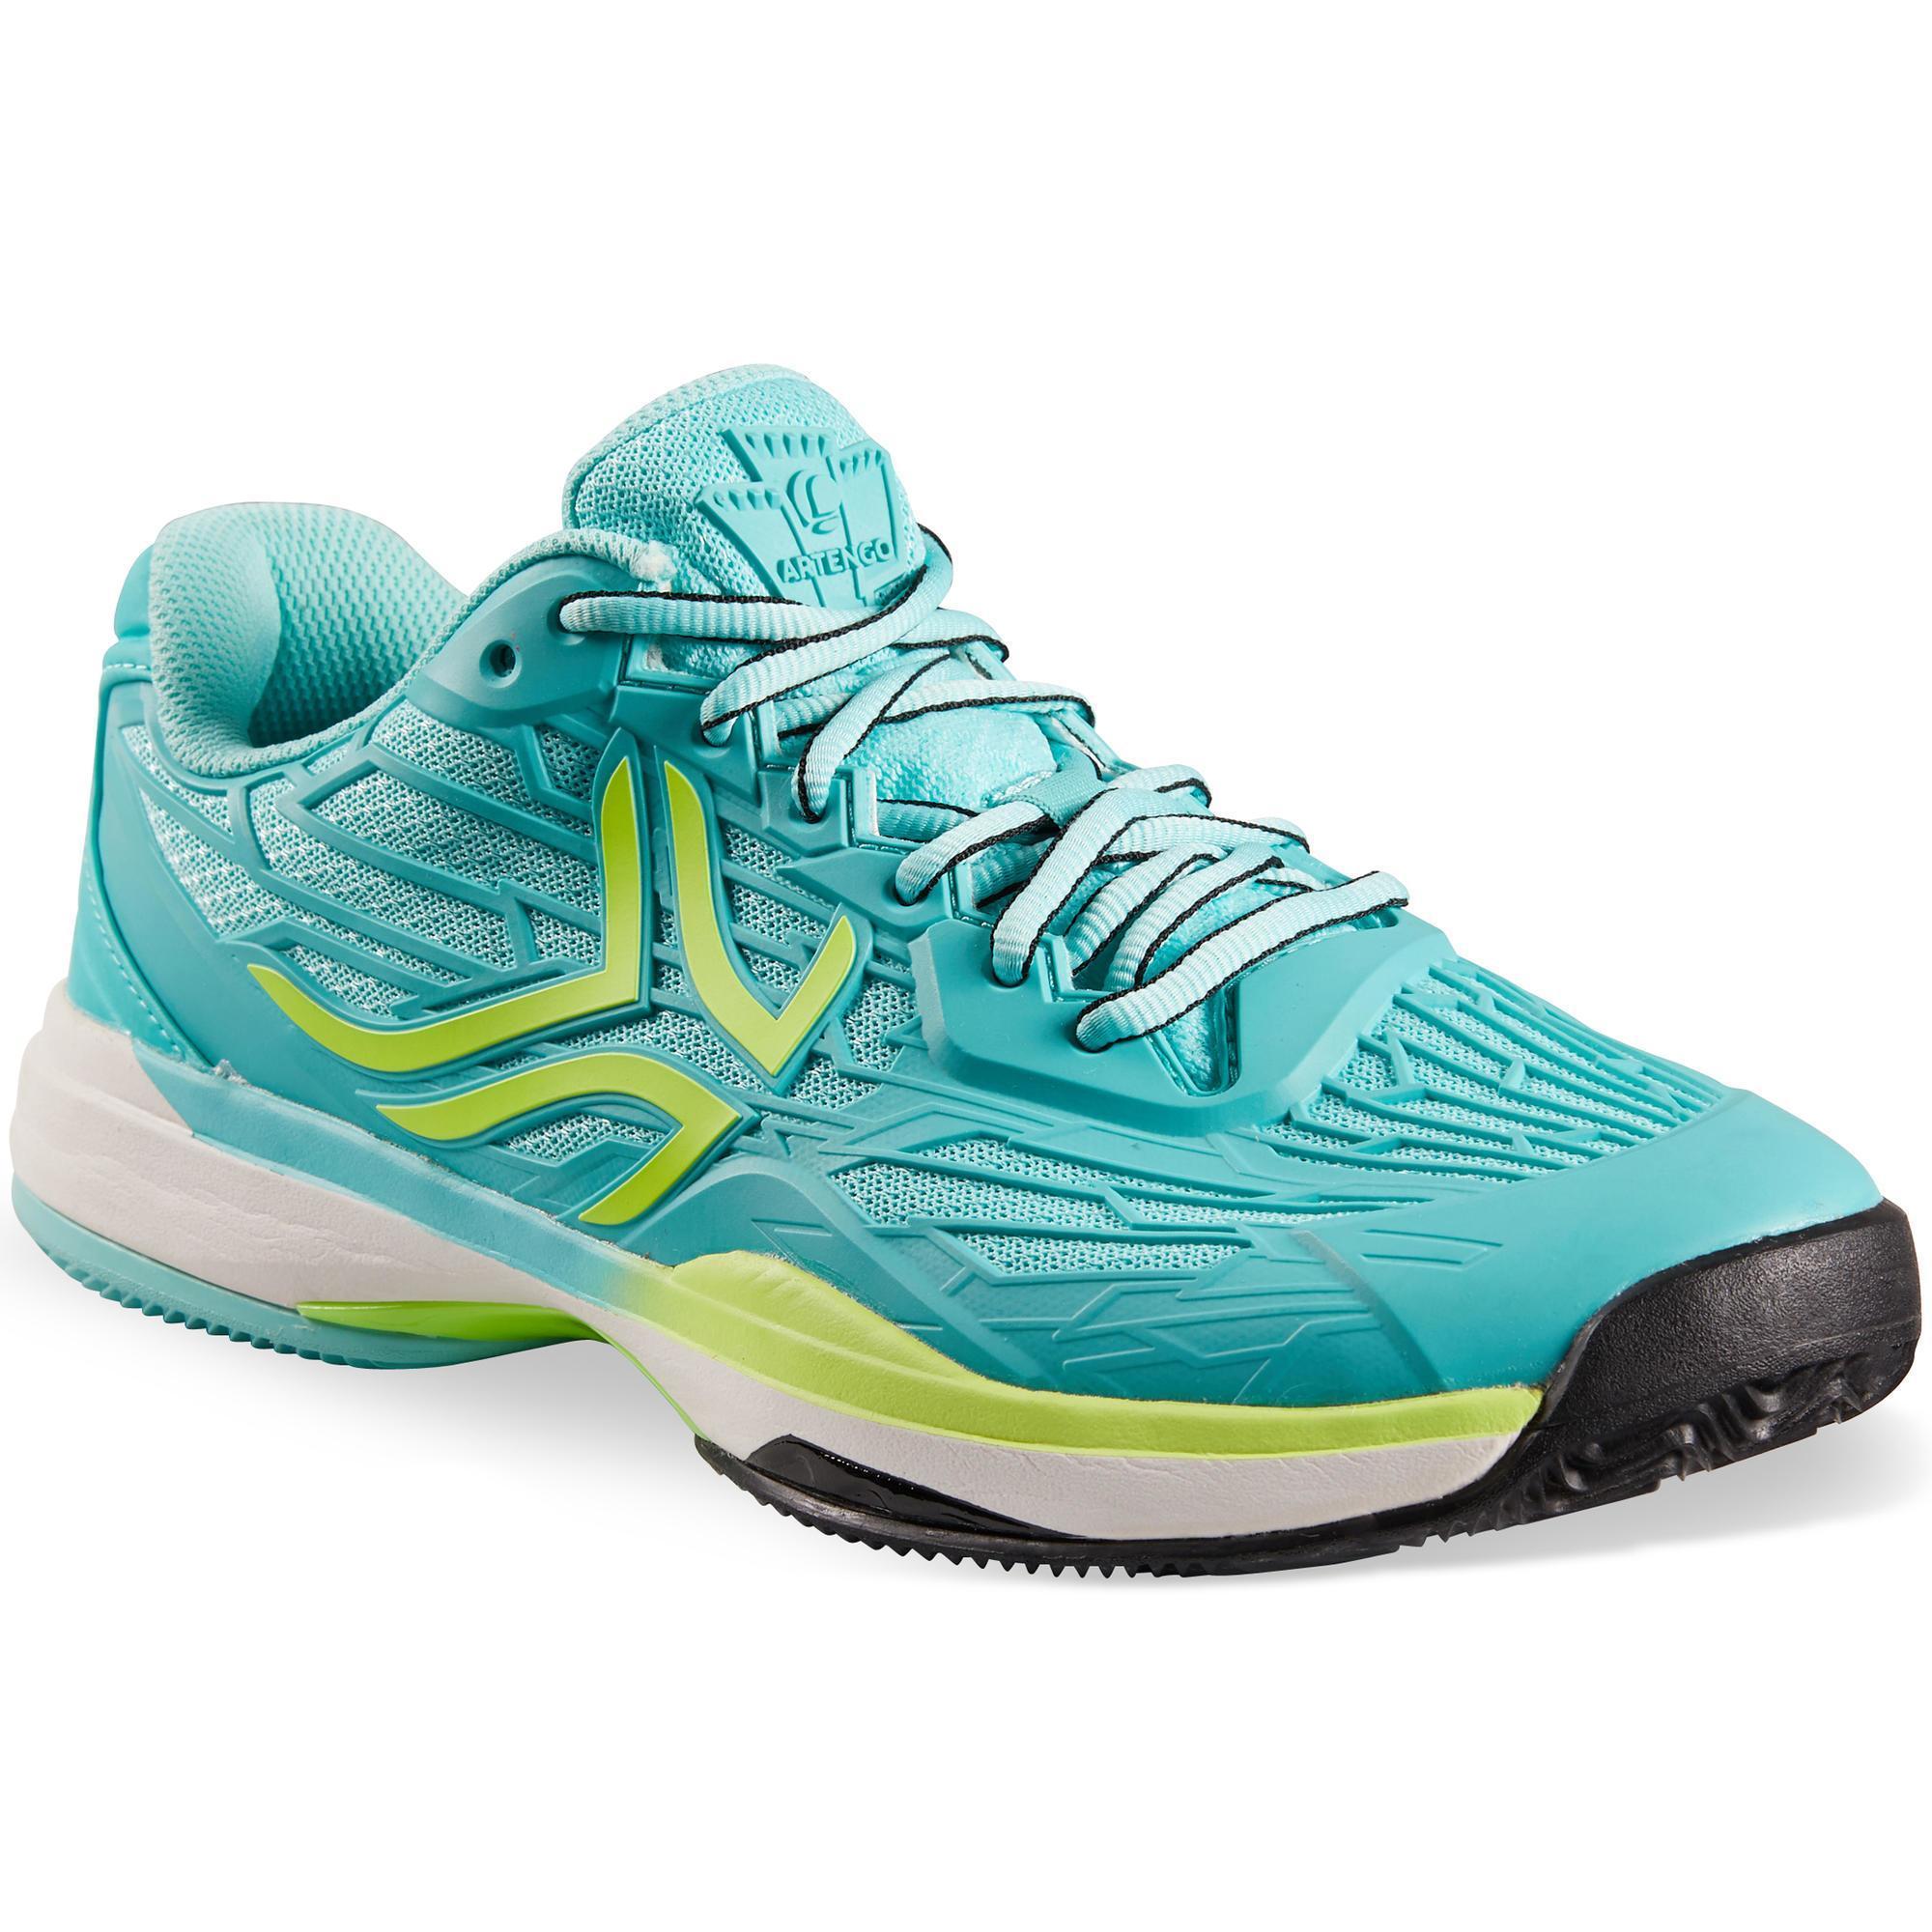 Artengo Tennisschoenen voor dames gravel TS 990 turquoise